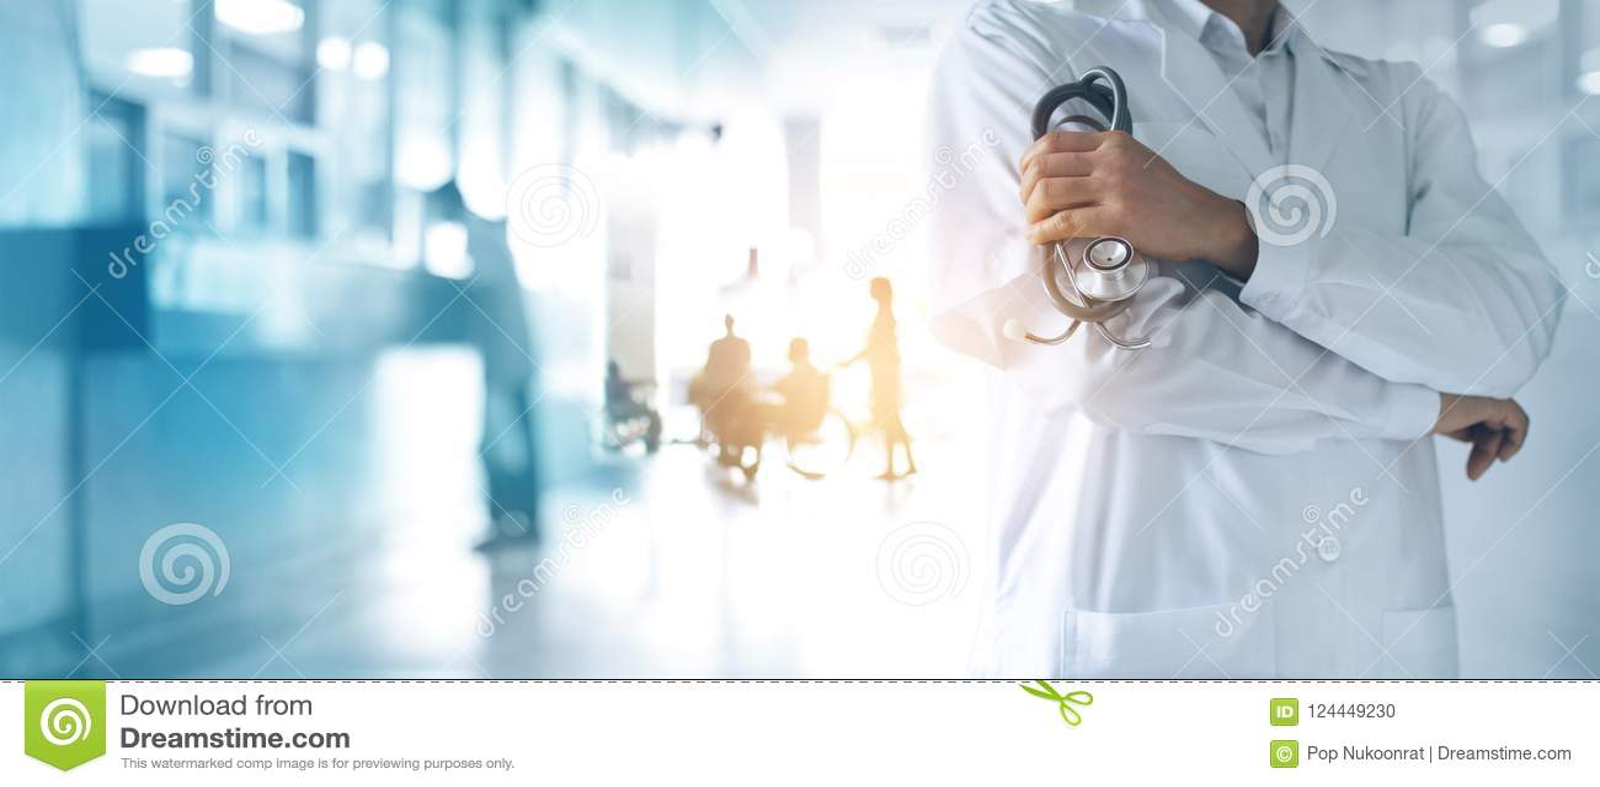 Доктор медицины с стетоскопом в руке, уверенно стоя